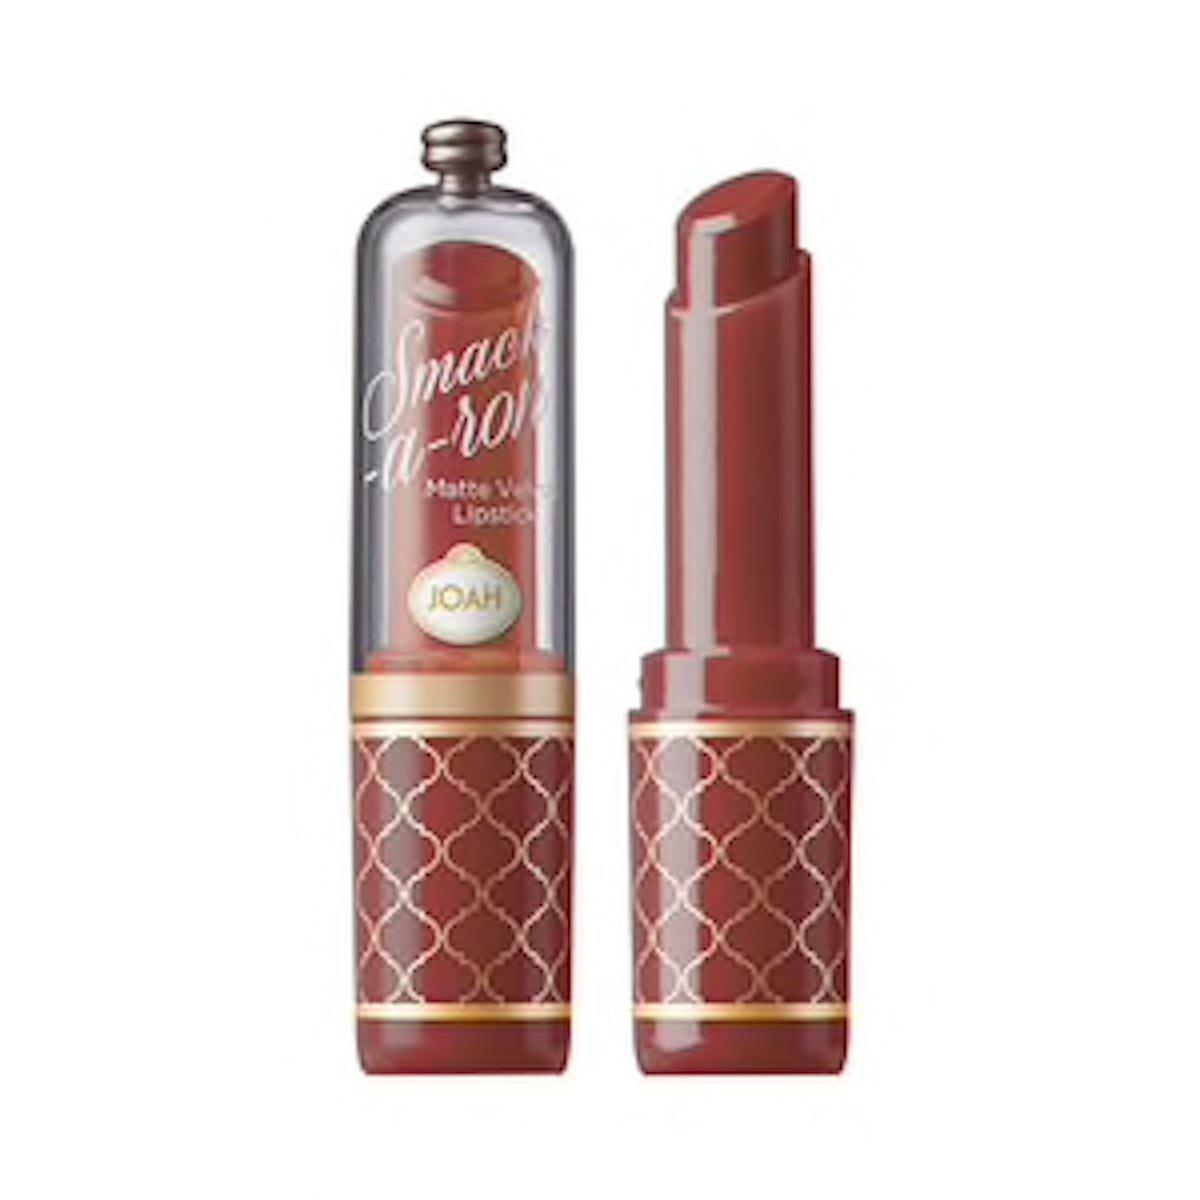 JOAH Smack-a-ron Matte Velvet Lipstick